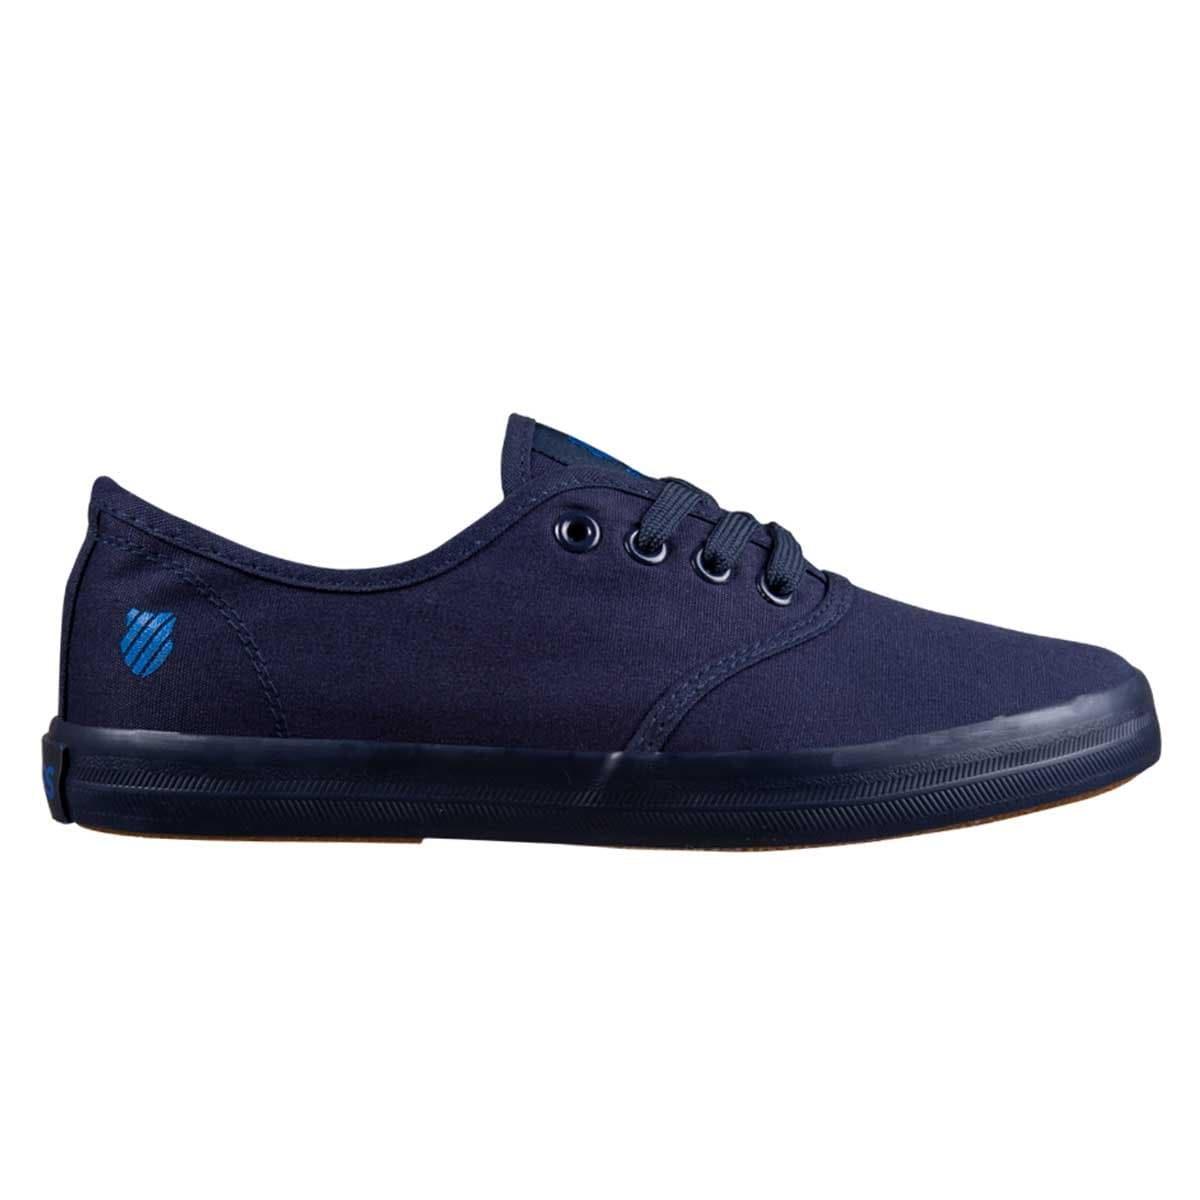 Tenis Azul Textil con Agujeta K Swiss